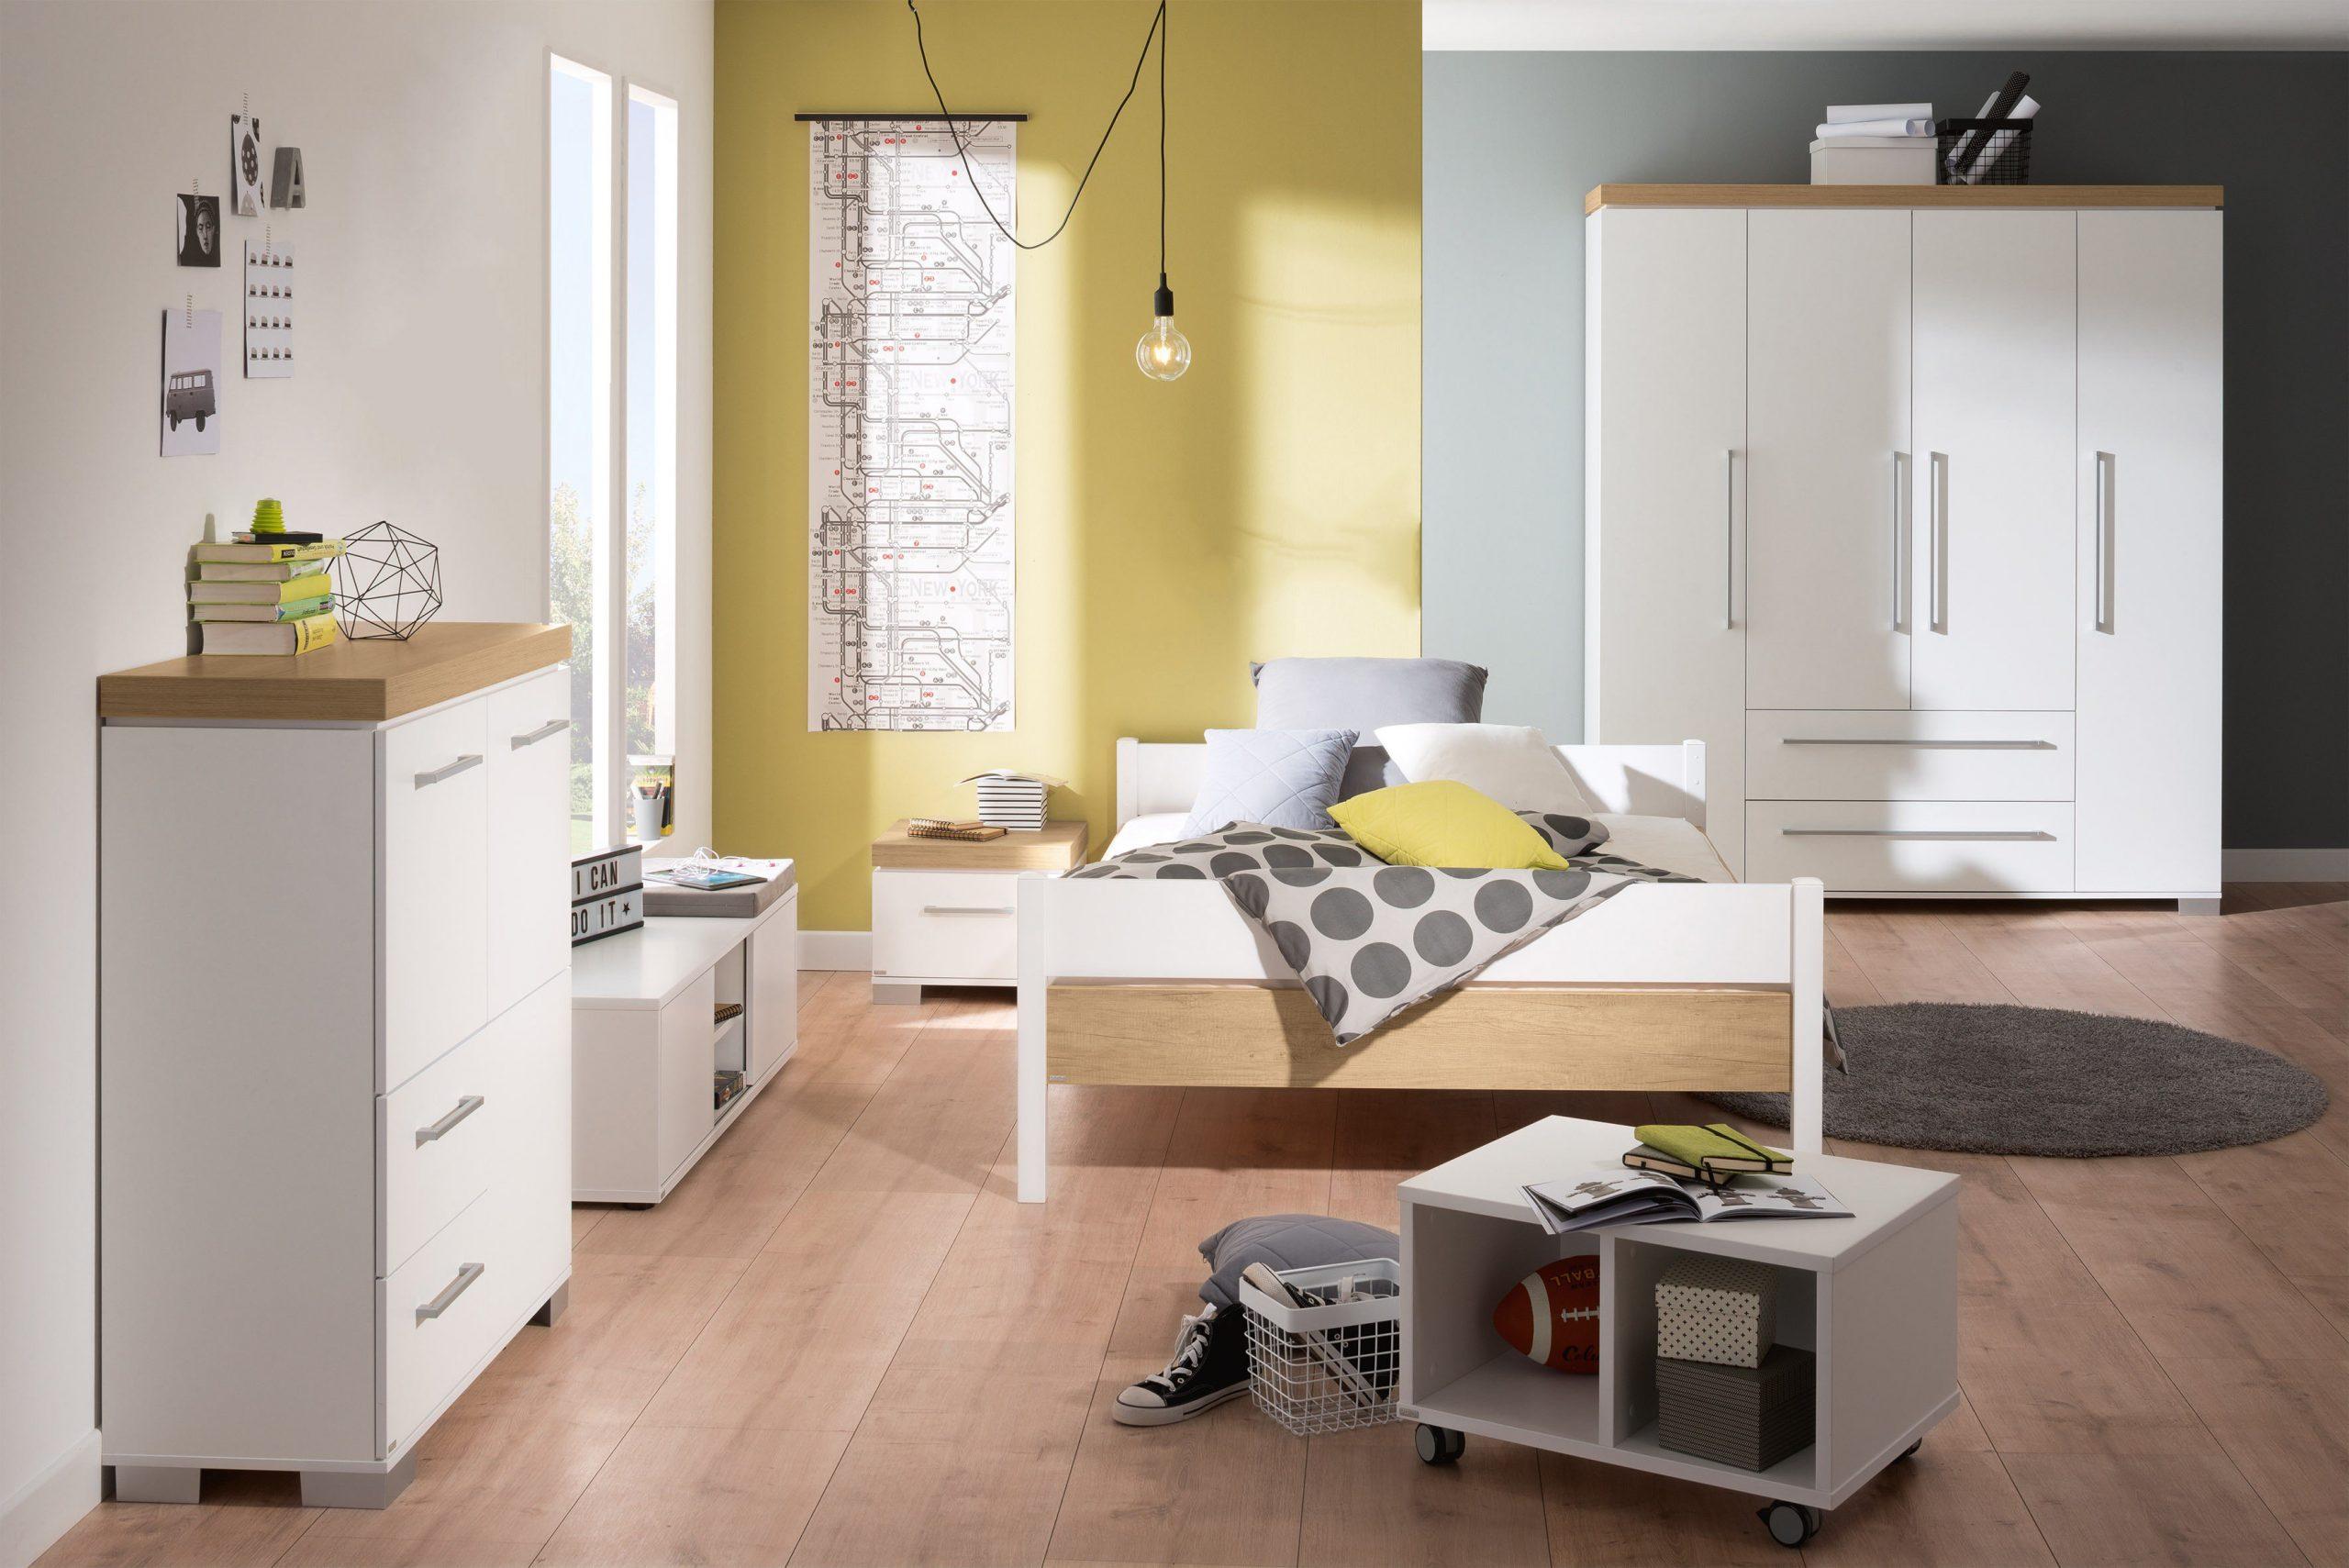 Full Size of Schrankbett 180x200 Sofa Schrank Bett Kombination Integriert Schreibtisch Set Ikea Mit Schrankwand Und Kombiniert Kombi Im 160x200 Eingebautes Paidi Bett Bett Im Schrank